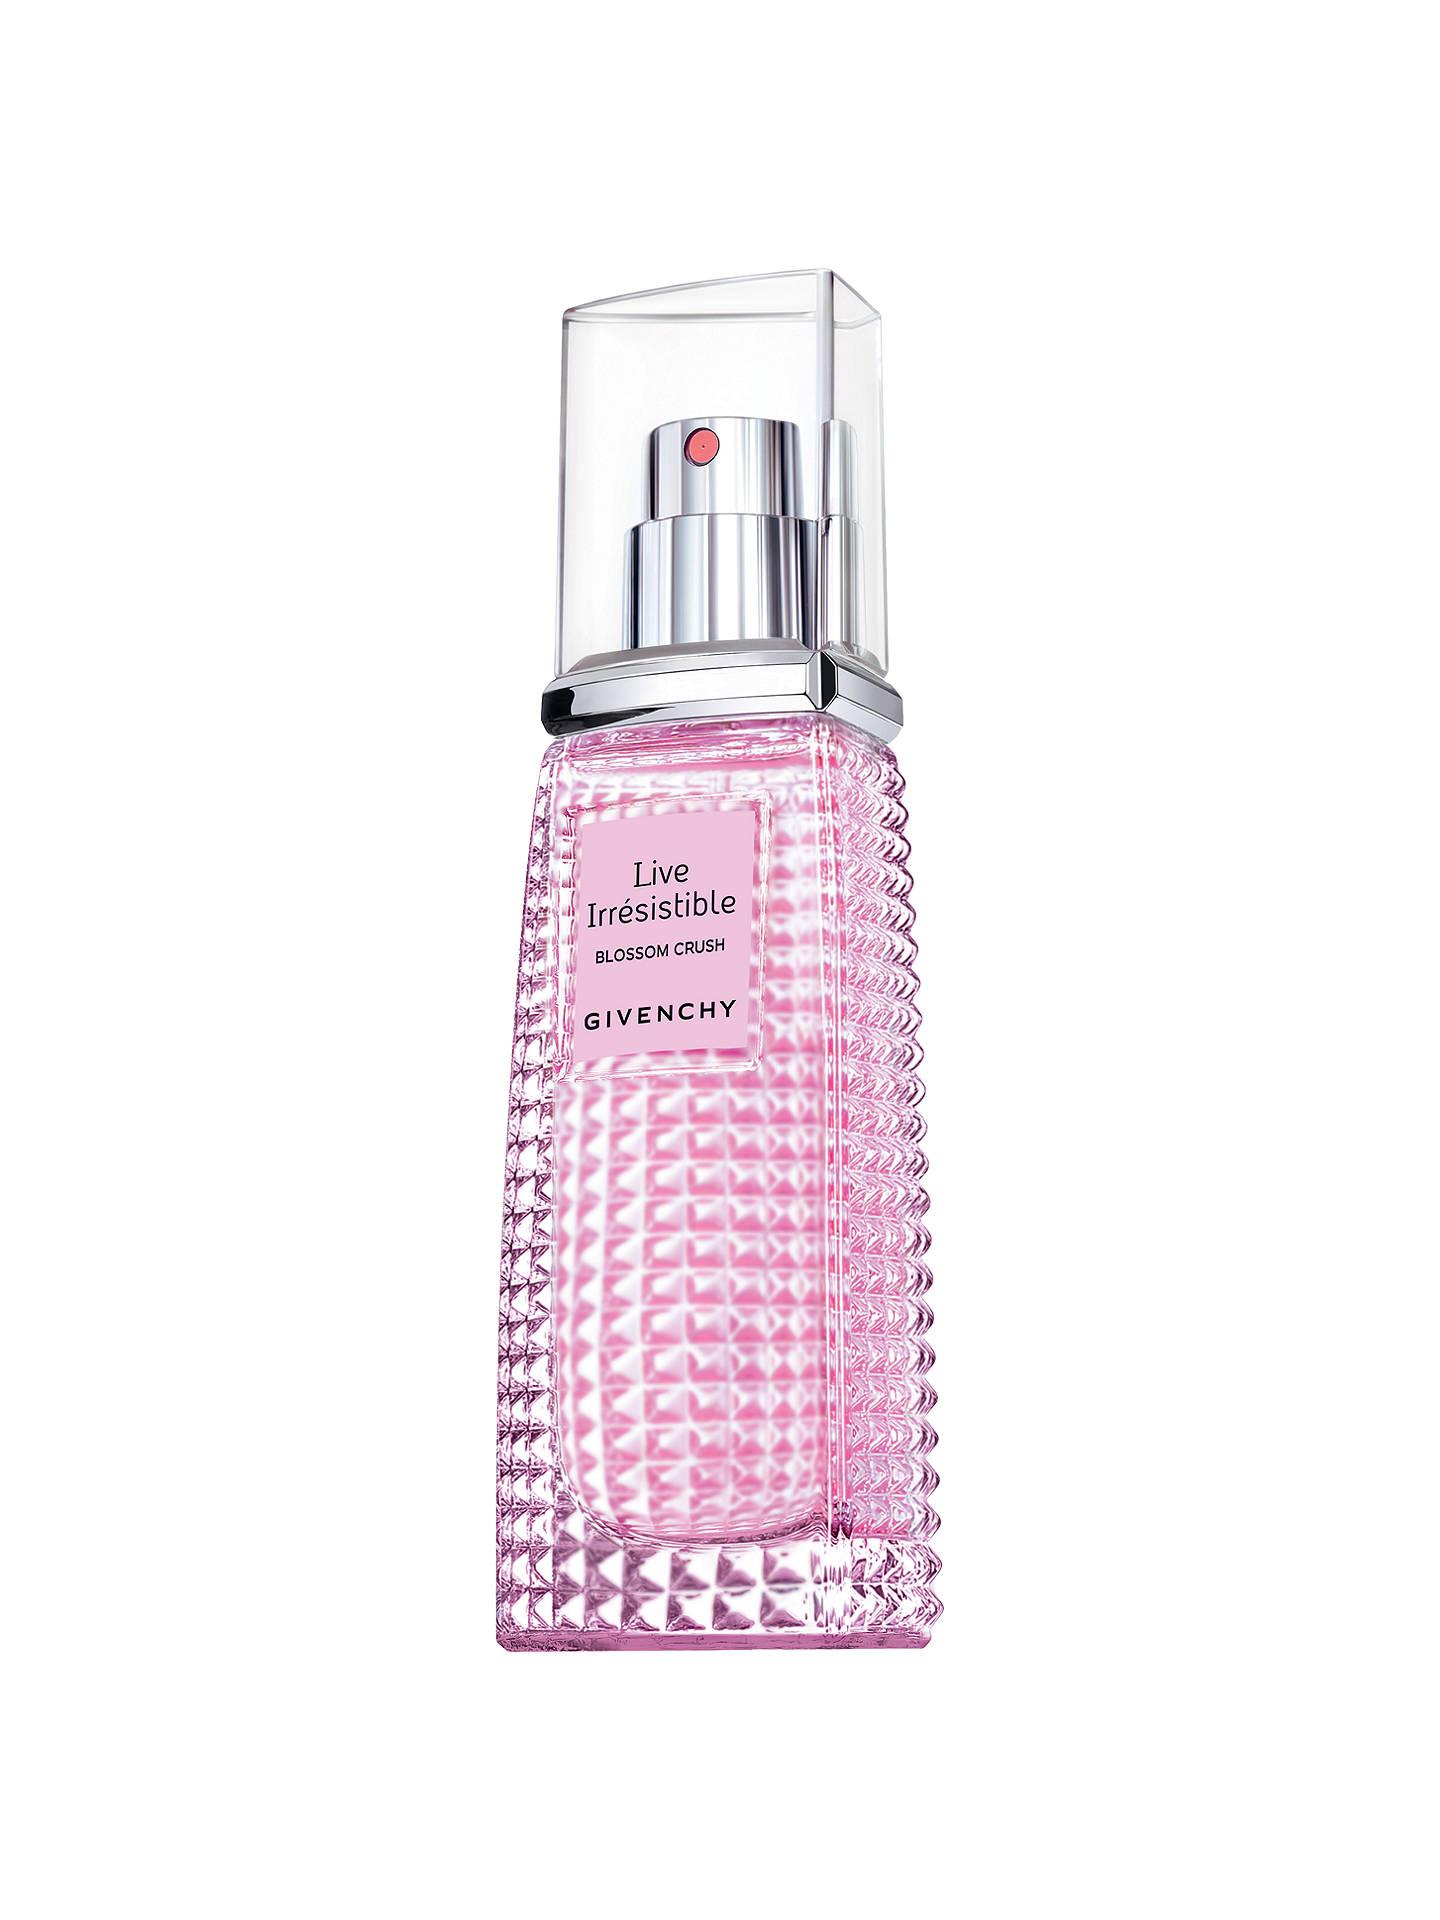 7ea44226f Buy Givenchy Live Irrésistible Blossom Crush Eau de Toilette, 30ml Online  at johnlewis.com ...